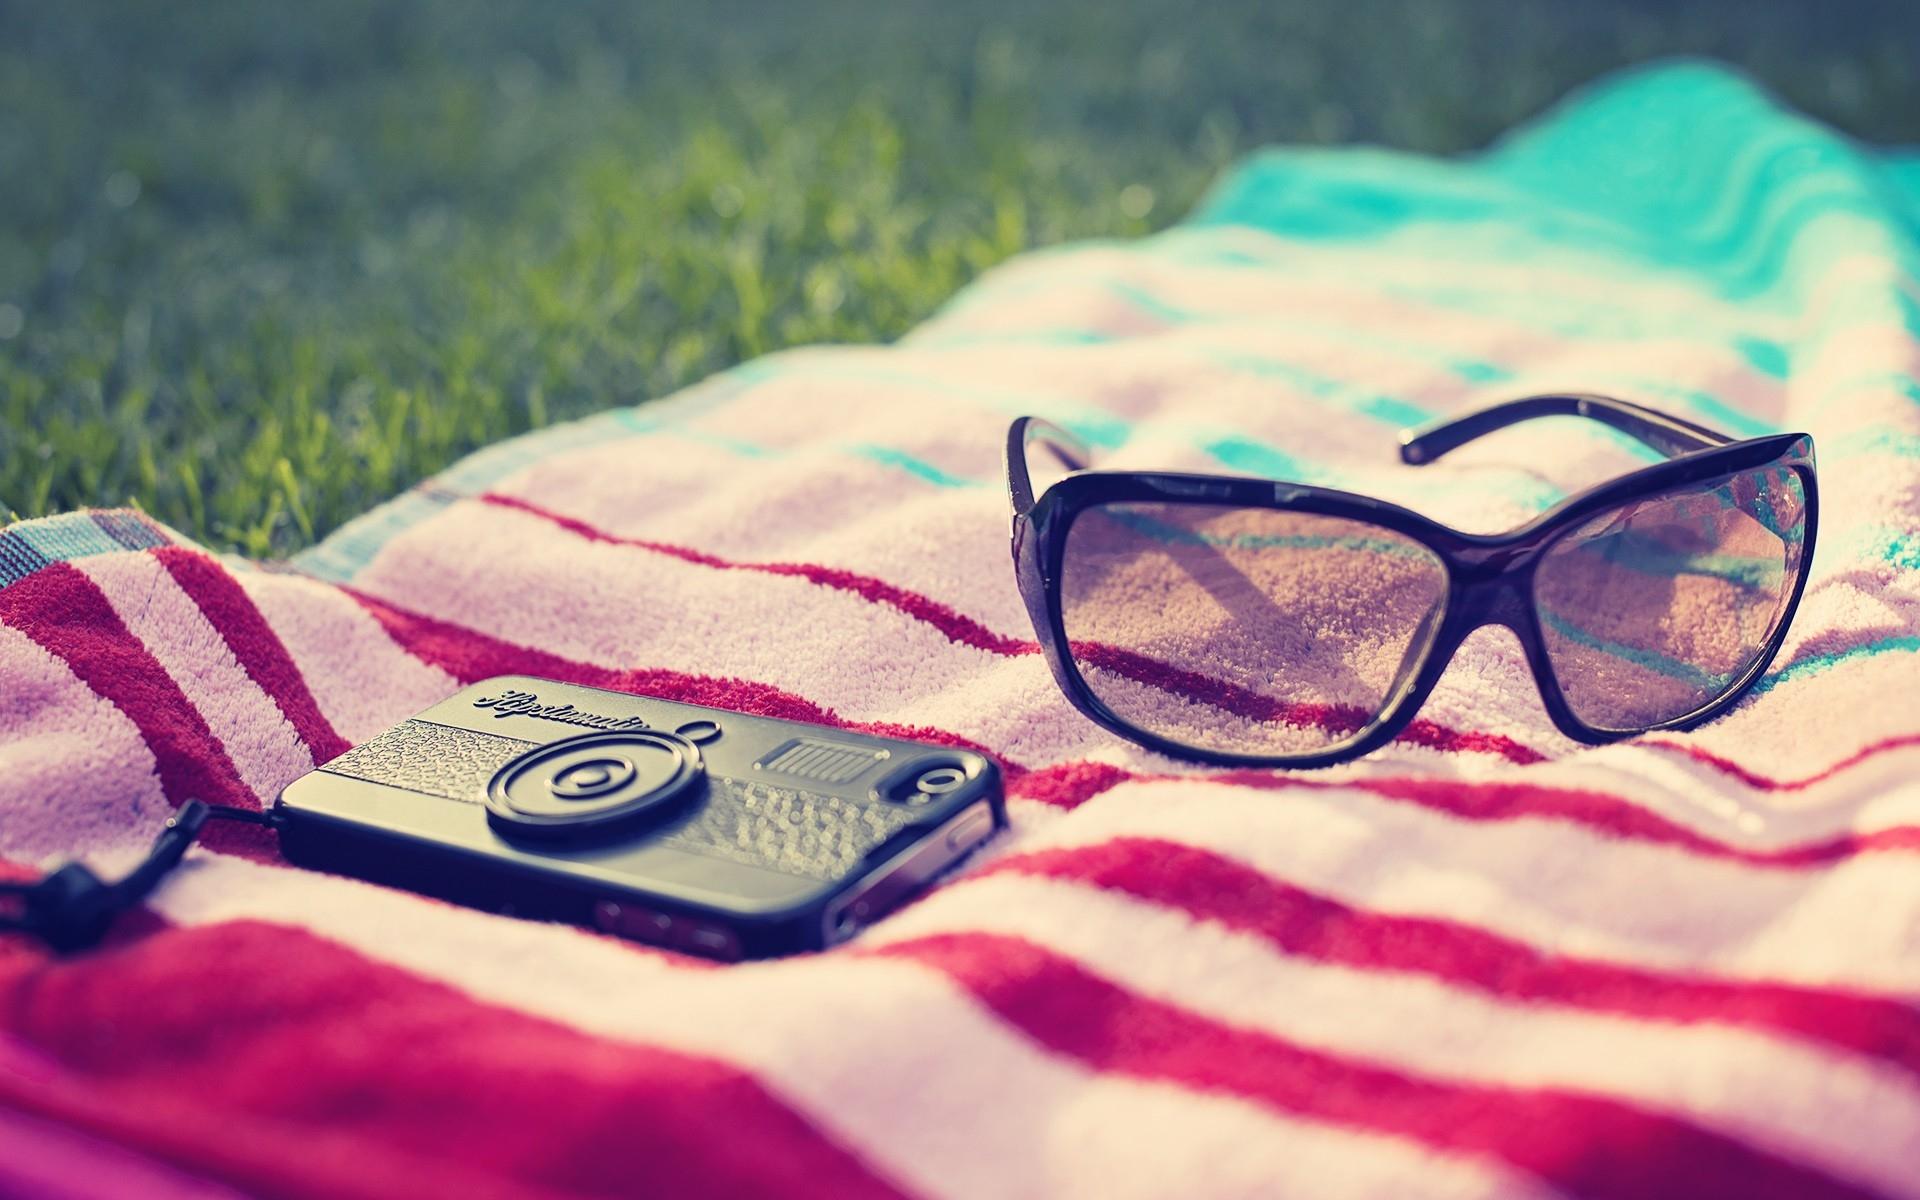 Sfondi Telefono Bicchieri Asciugamani Estate Spiaggia